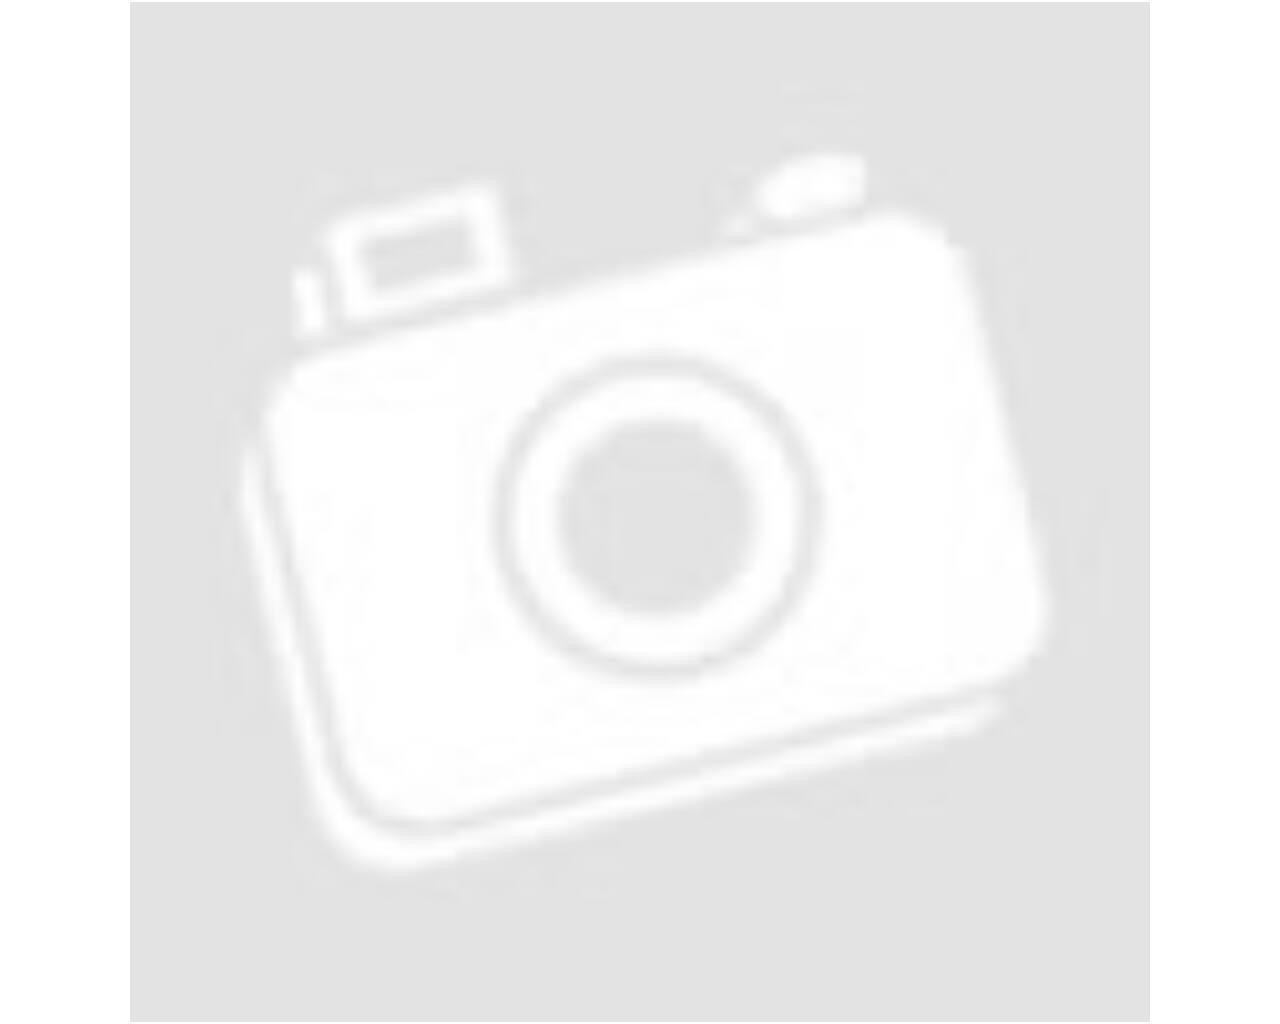 Beltéri / kültéri gránit párkány, 1540 x 305 x 20 mm